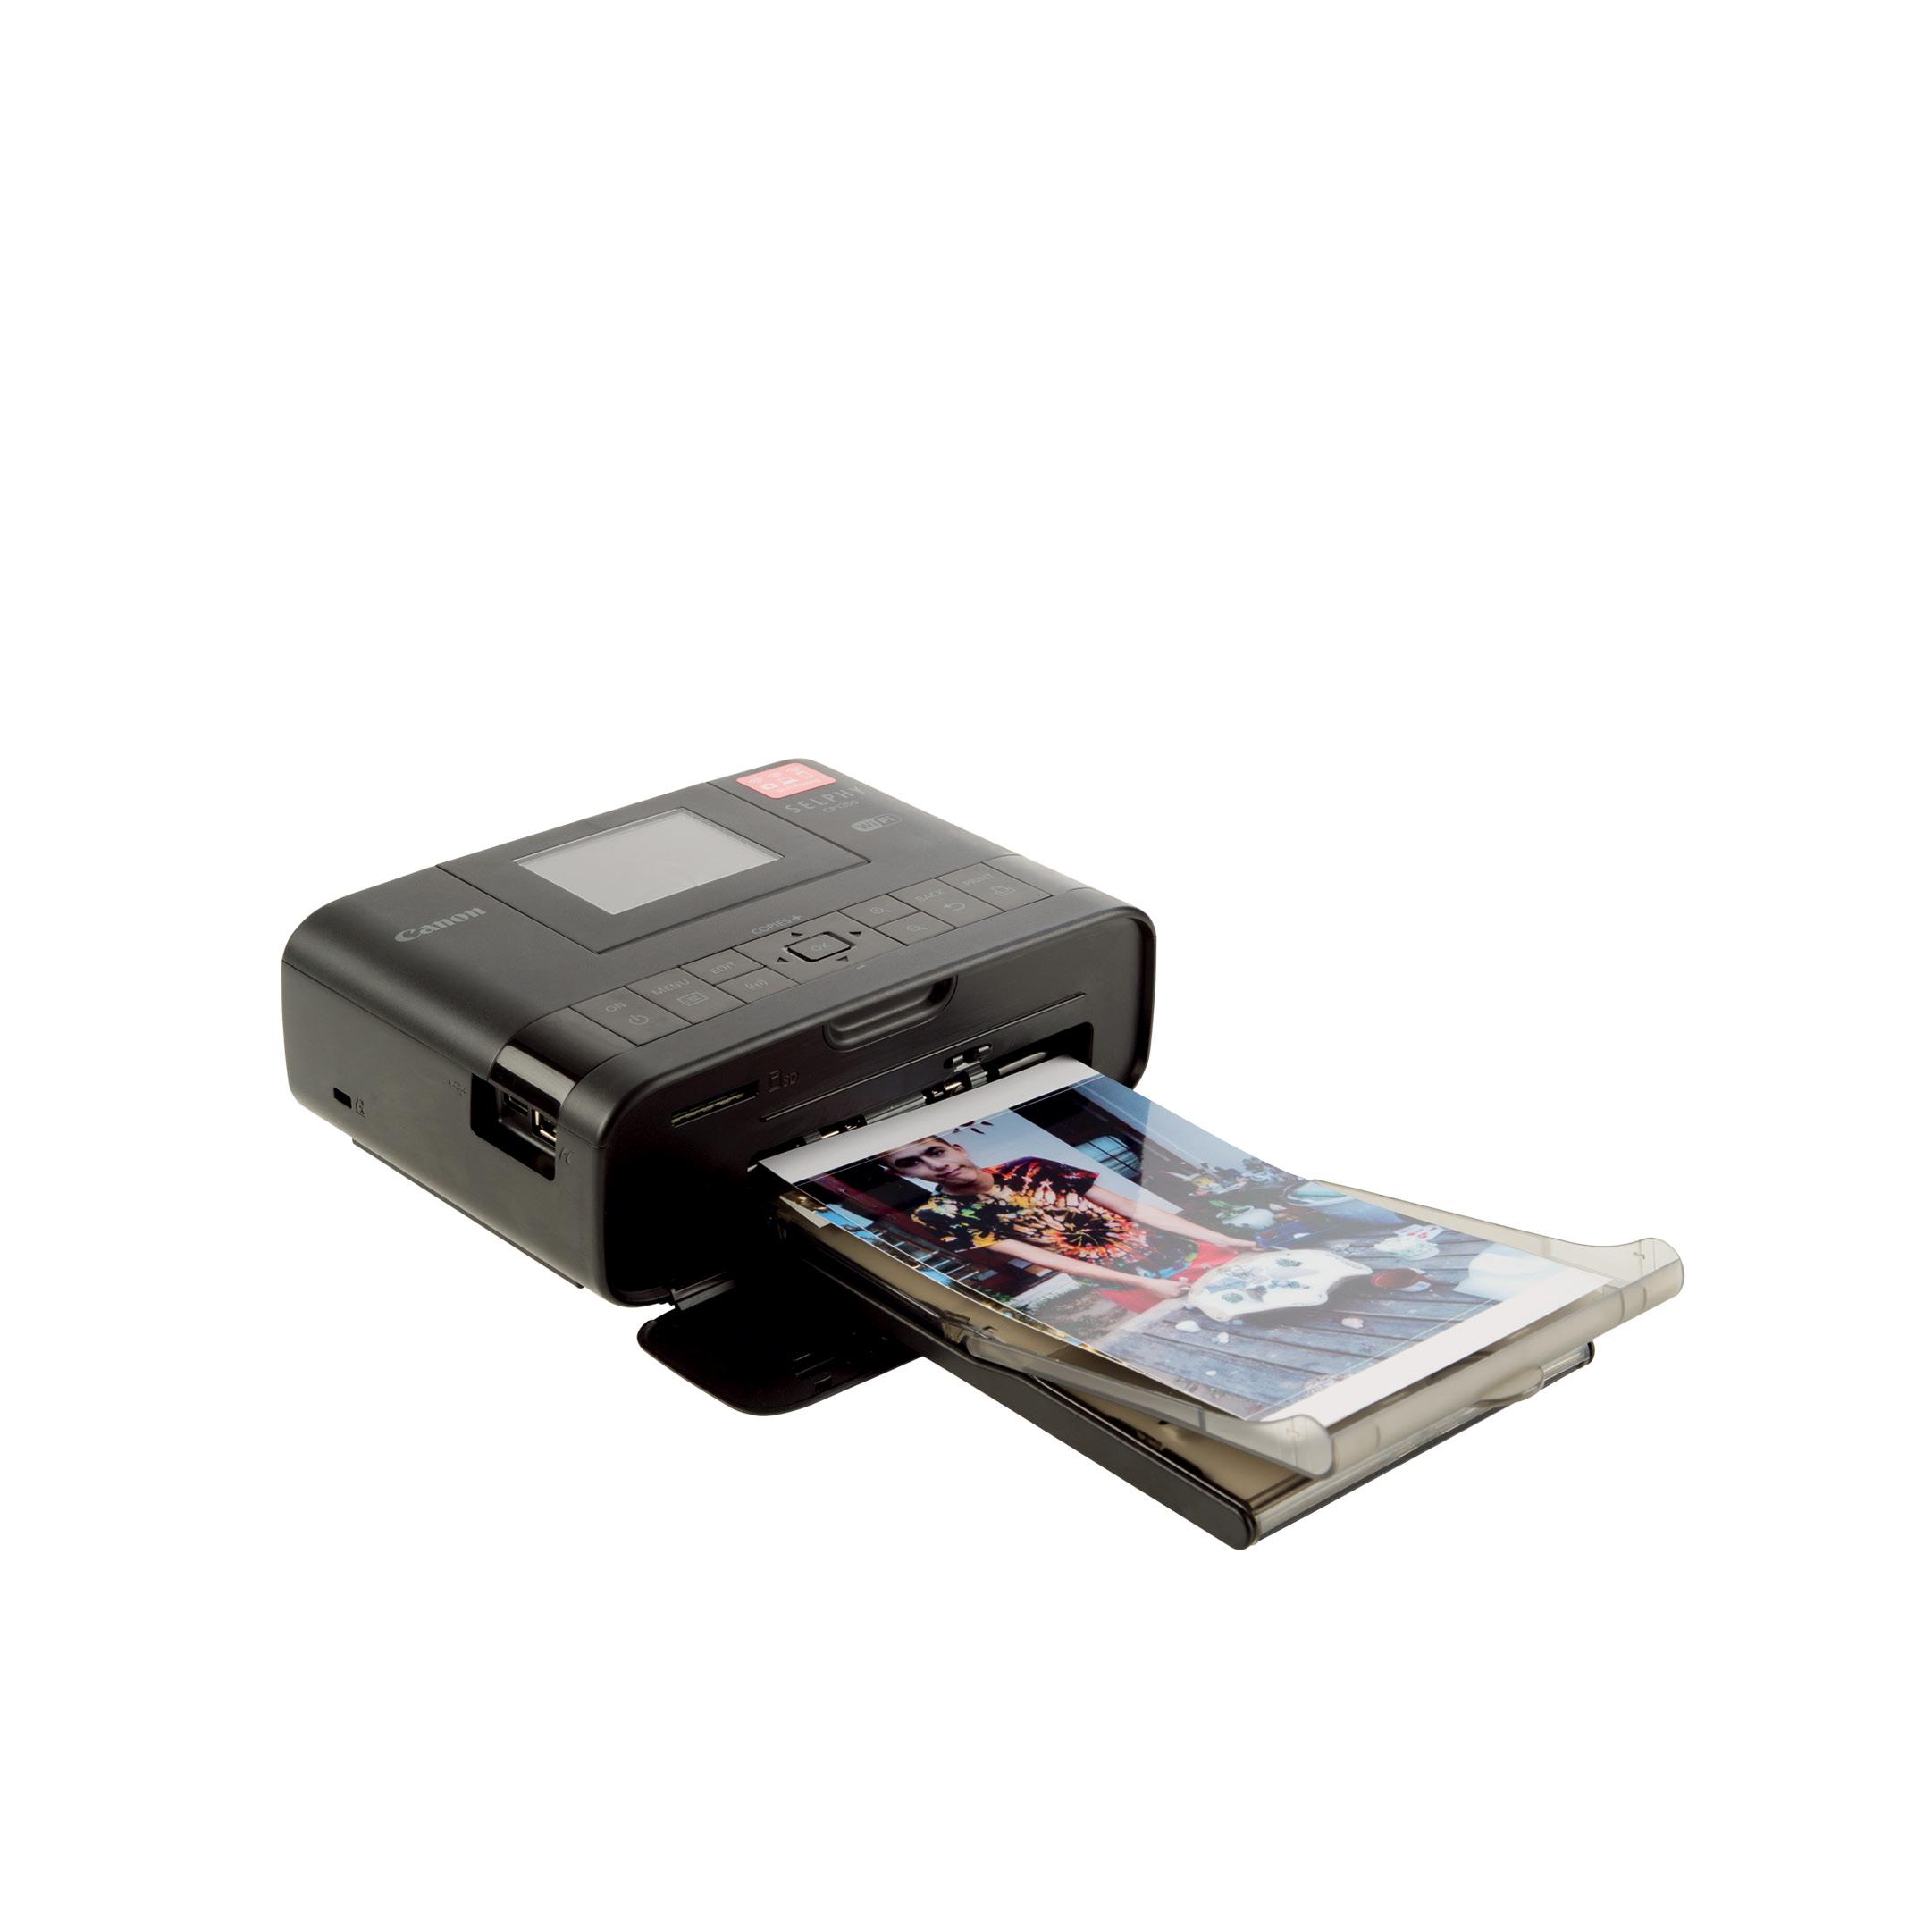 Canon Selphy CP1200 portable printer